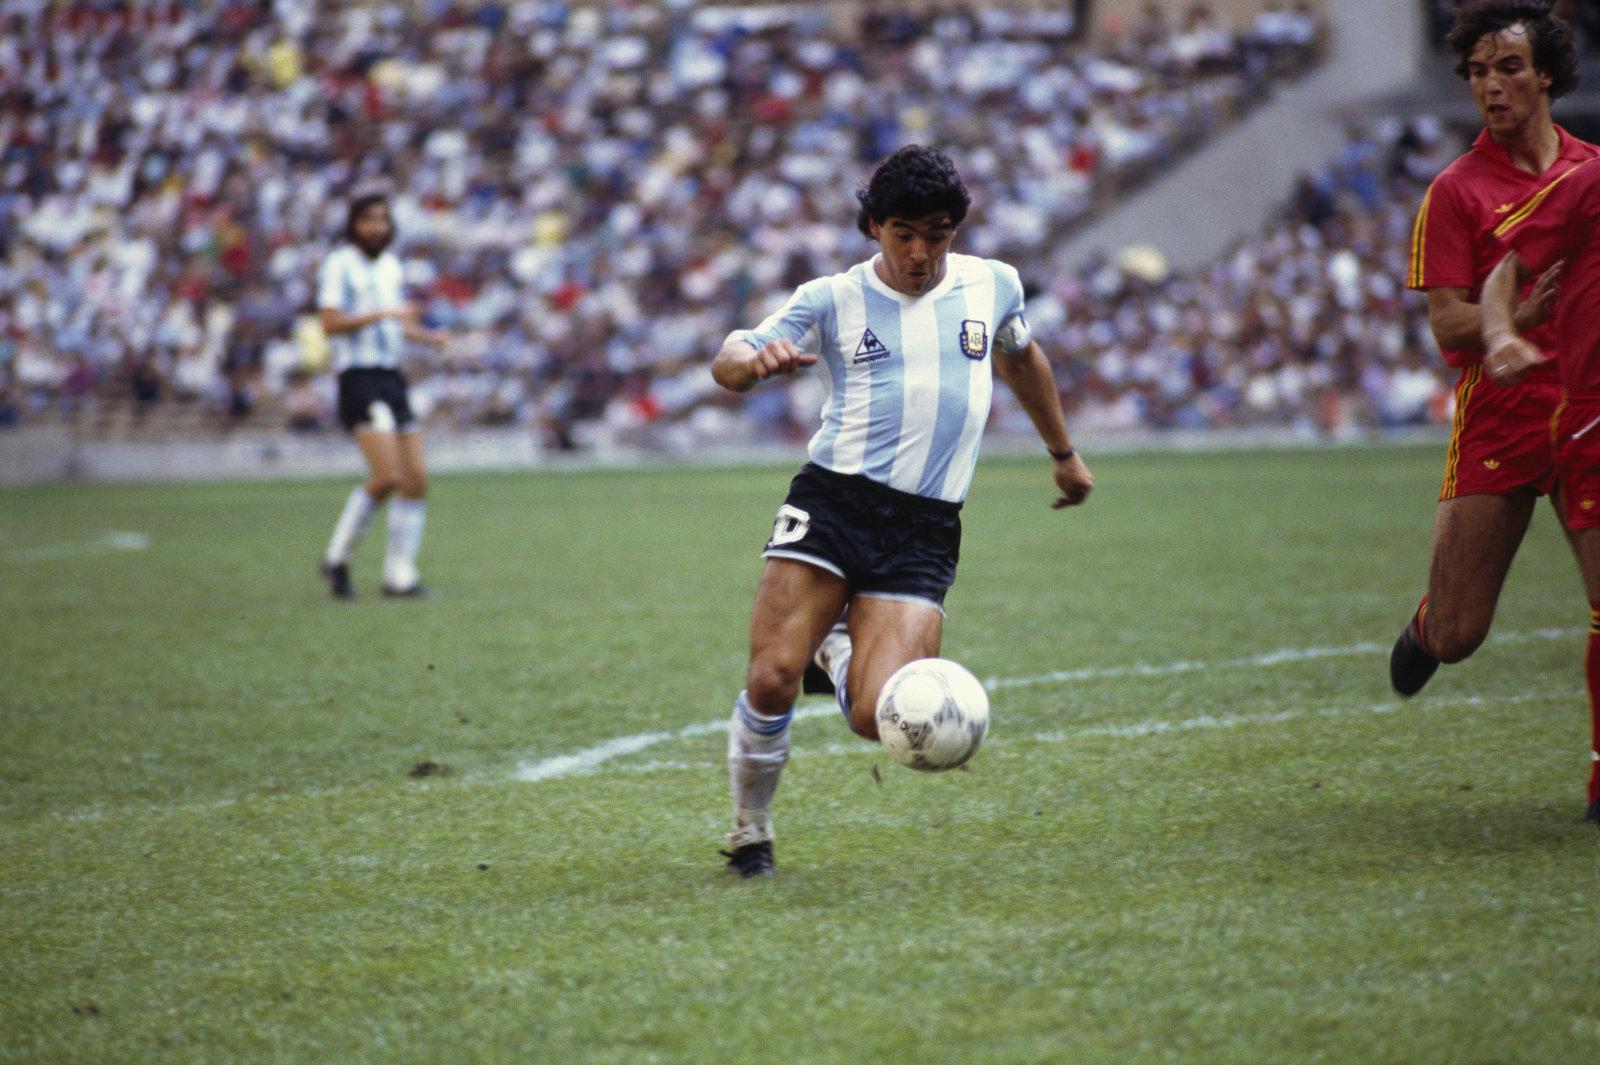 Los que se pelean se desean: Maradona será embajador de Konami